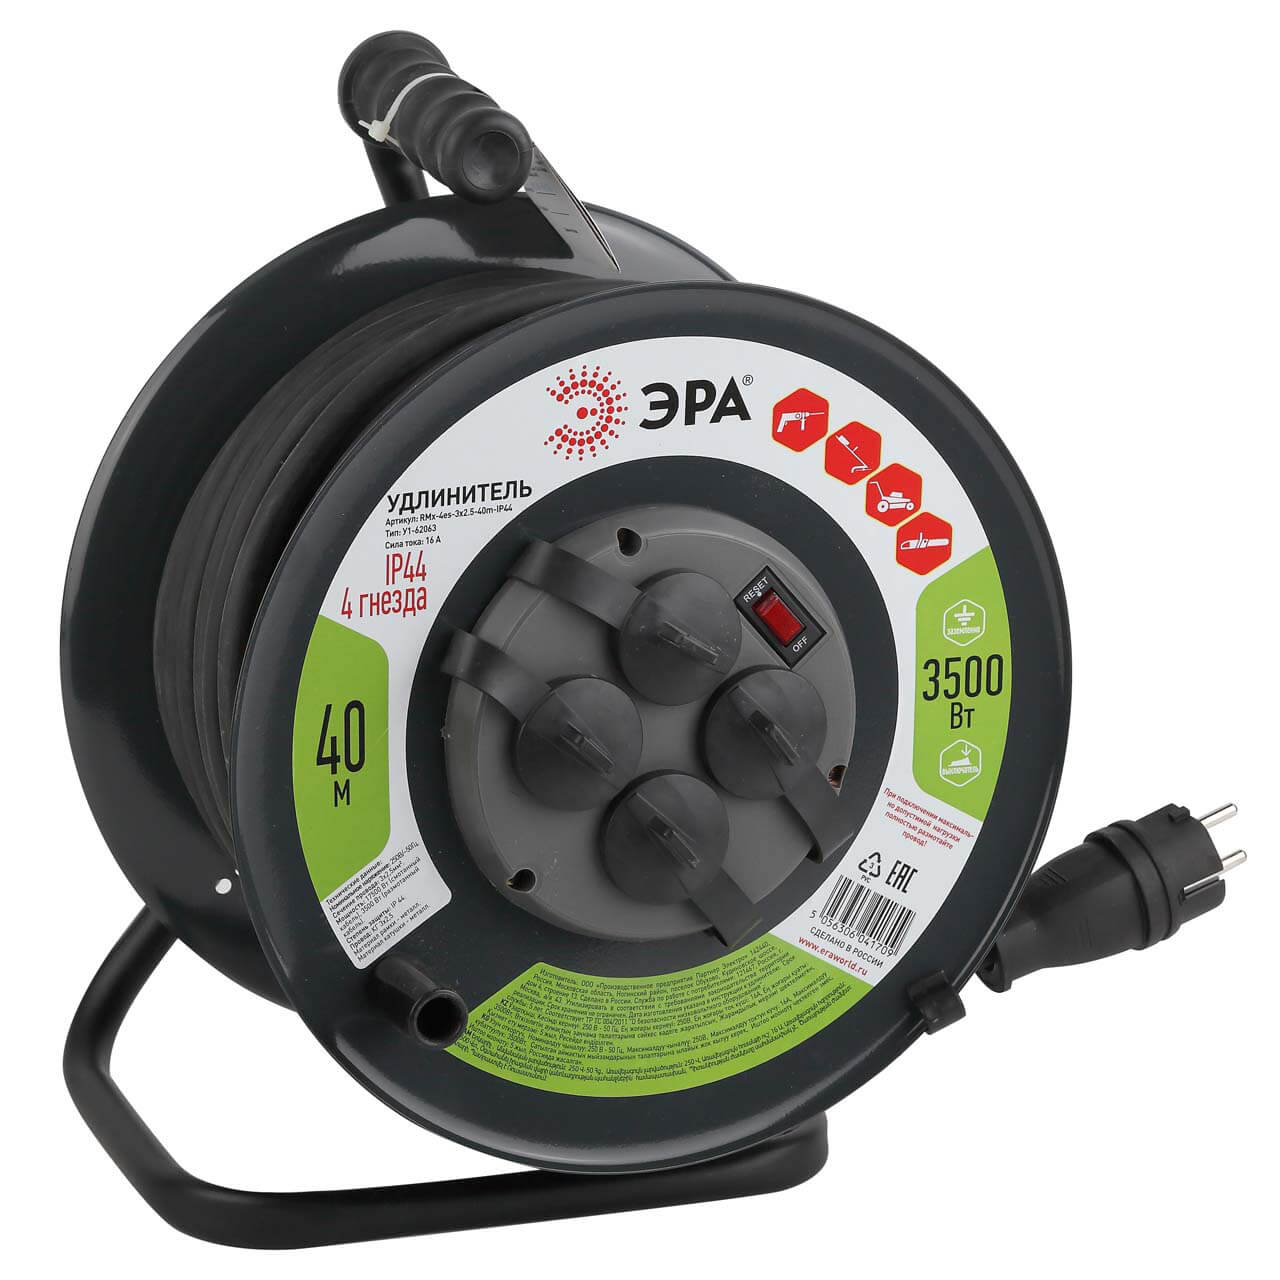 Удлинитель ЭРА RMx-4es-3x2.5-40m-IP44(kg) RMx